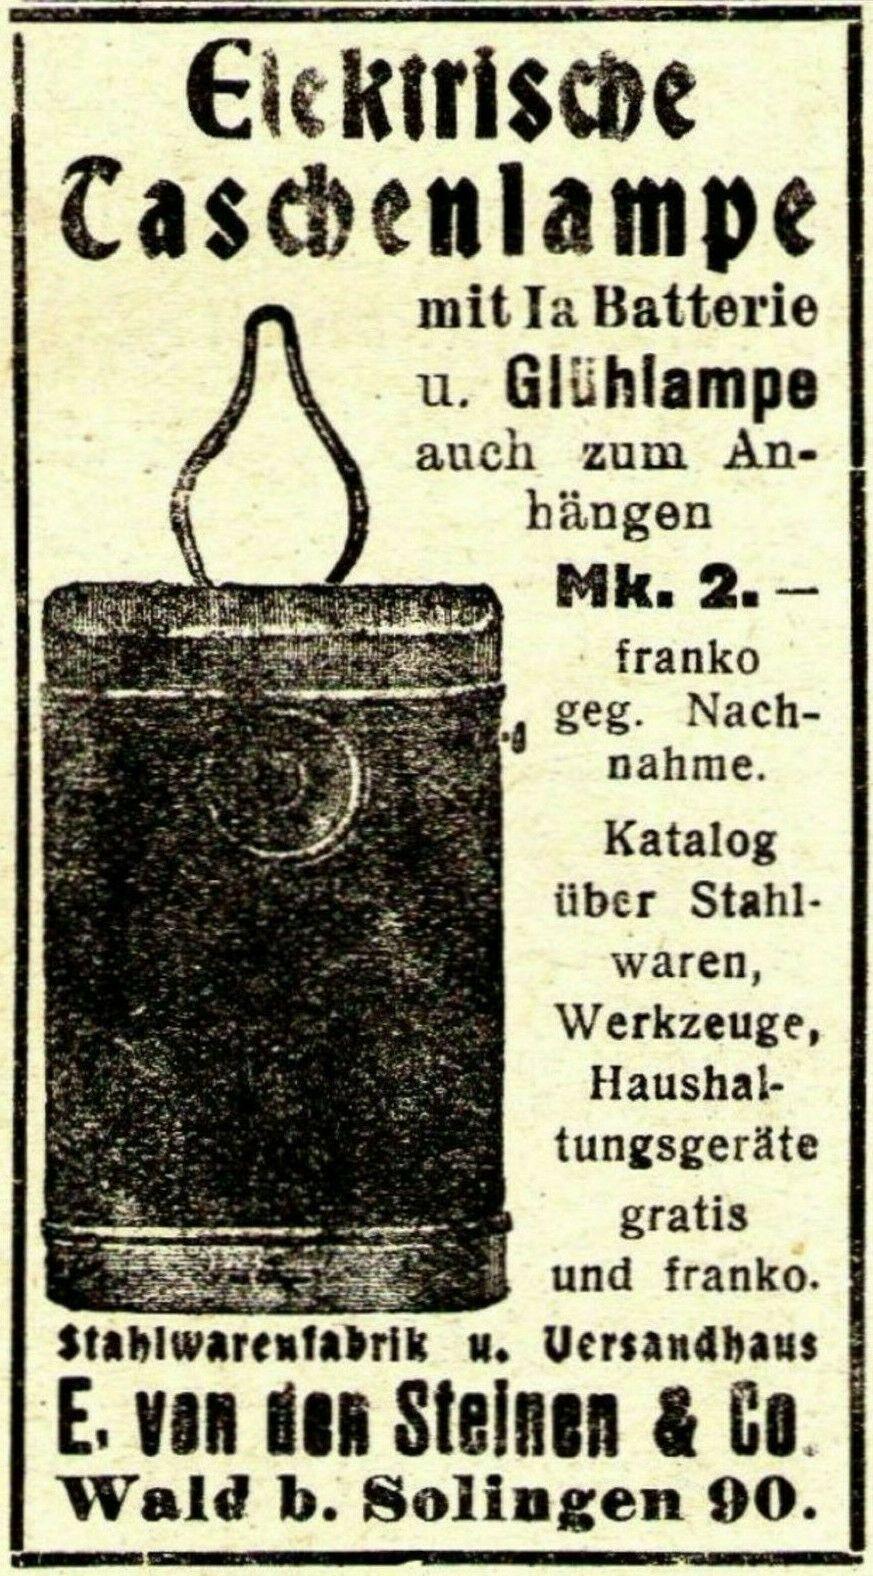 12 Original Ads Germany 1901 1925 All For Household Von Den Steinen Solingen Werbung Lampen Und Taschenlampe